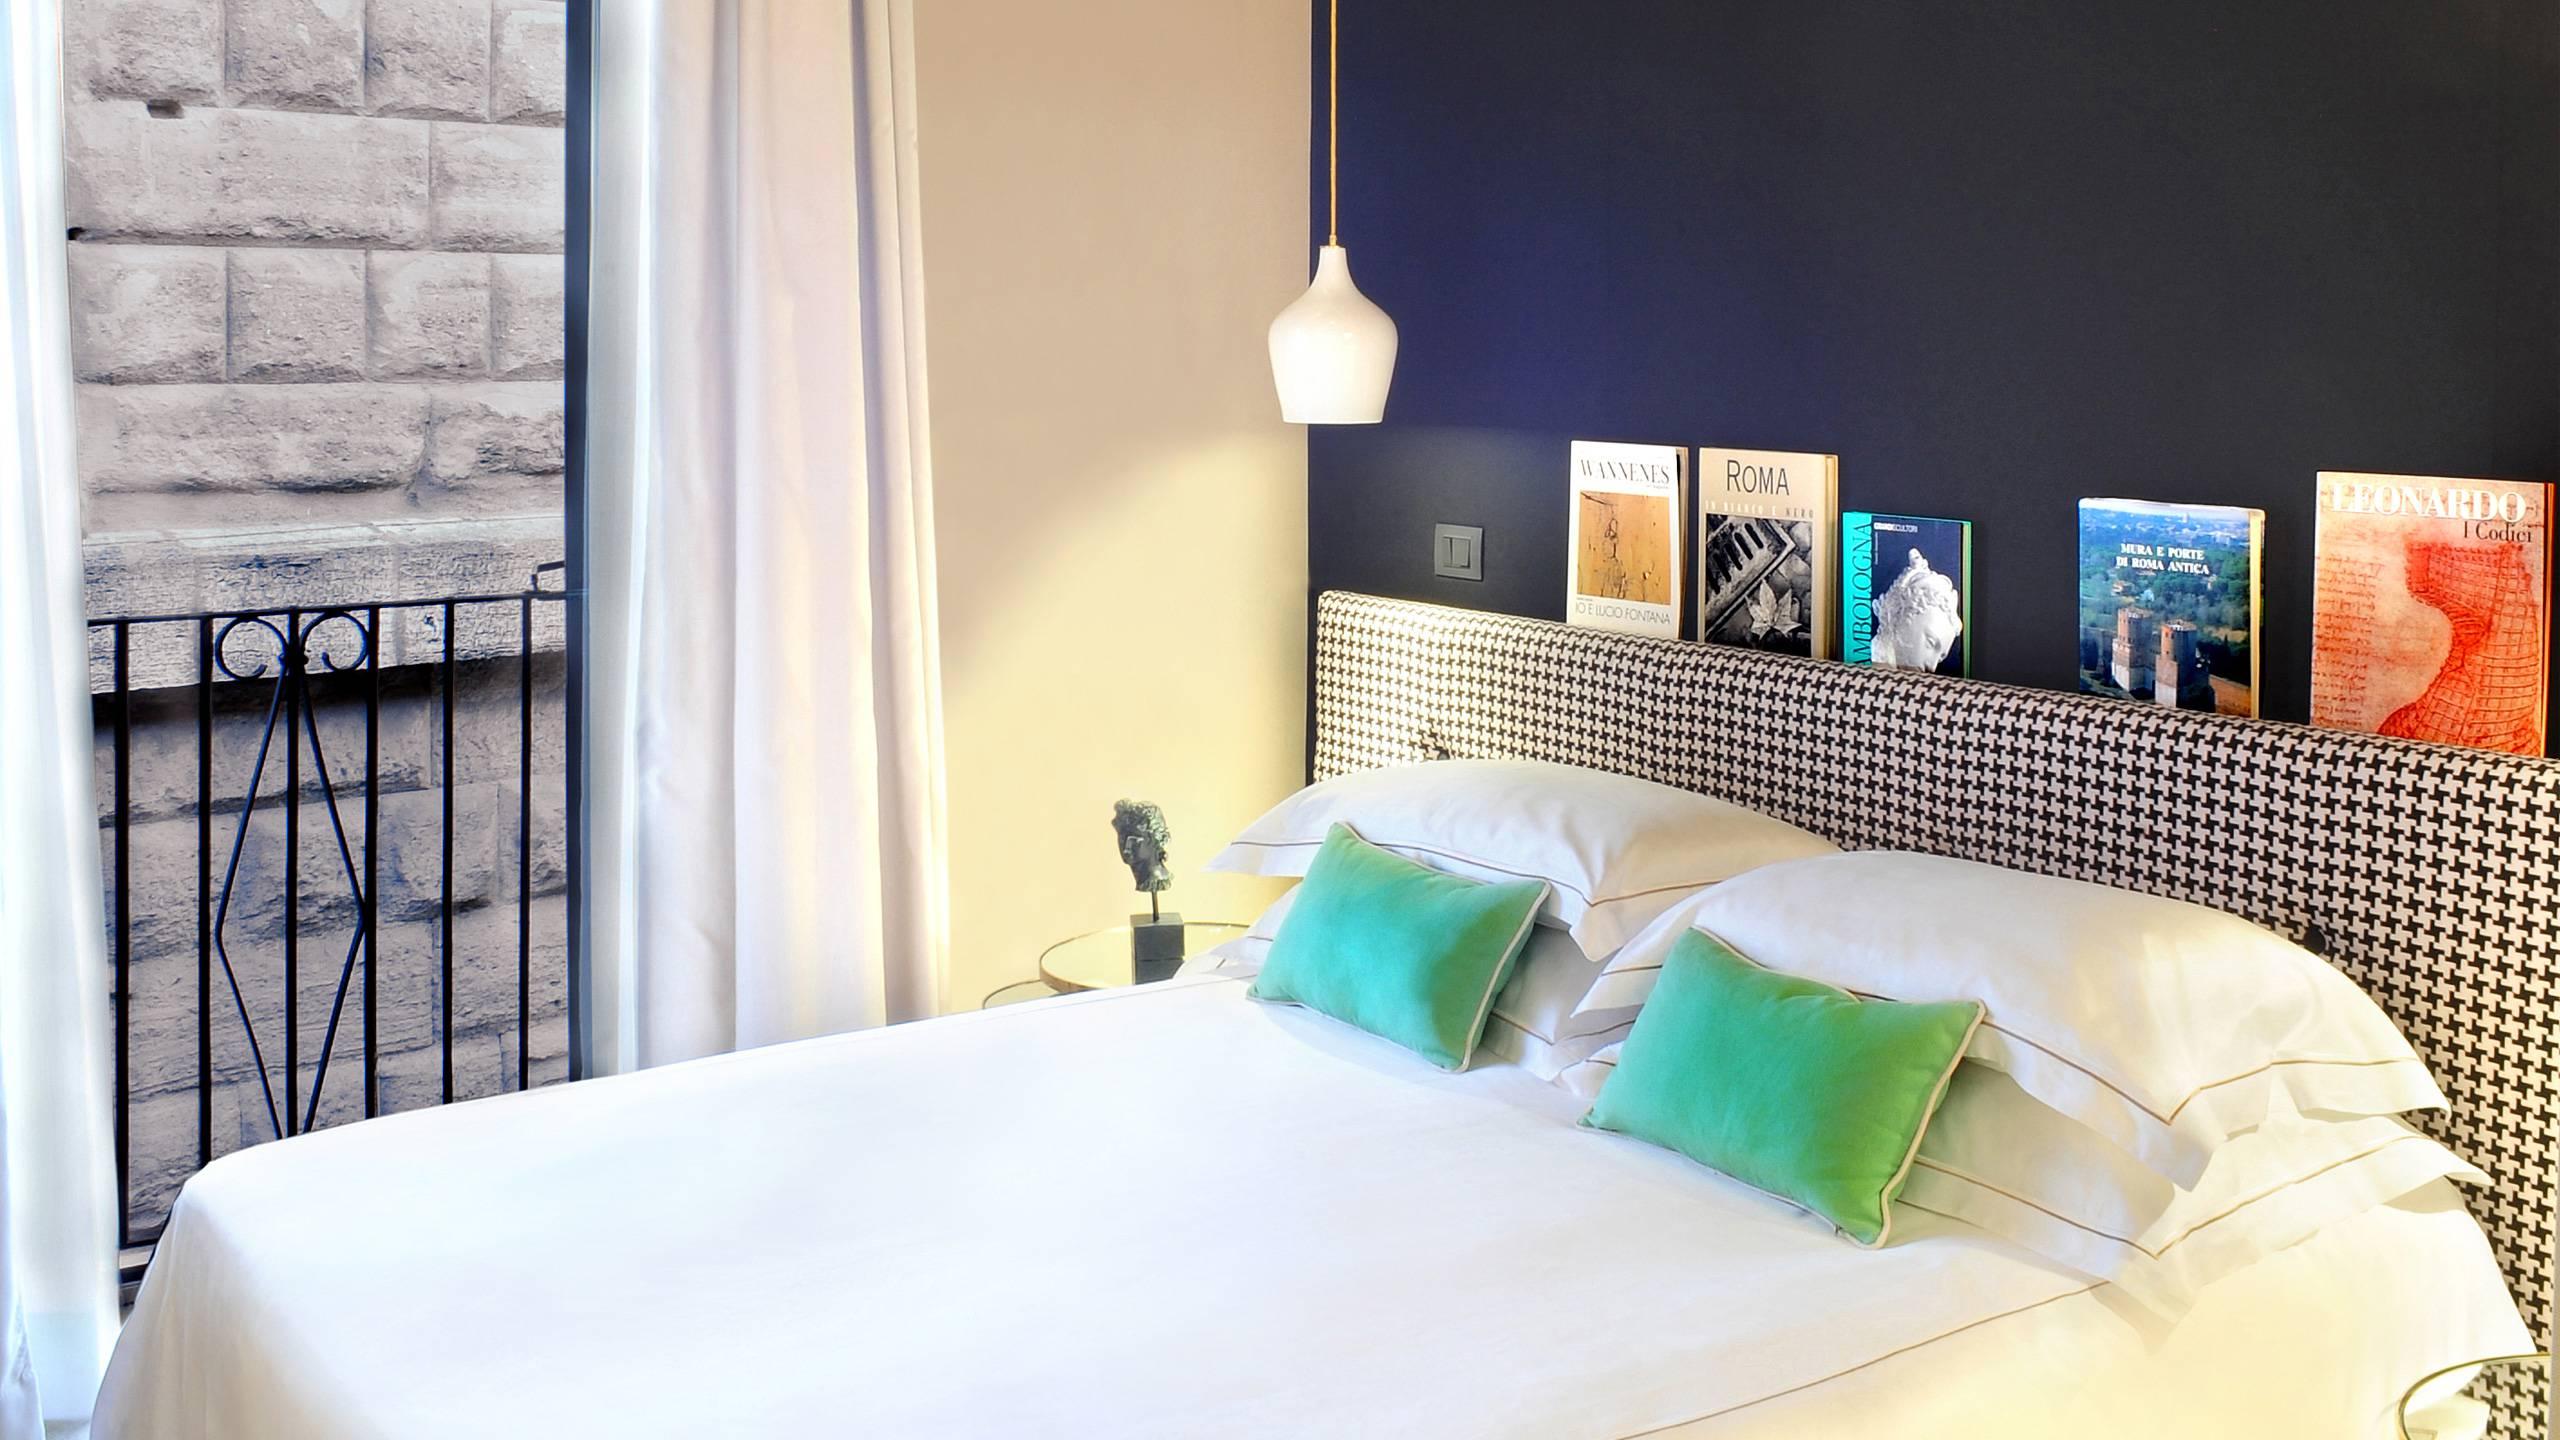 Nerva-Boutique-Hotel-DSC-8941-FATTA-ricorretta-2560